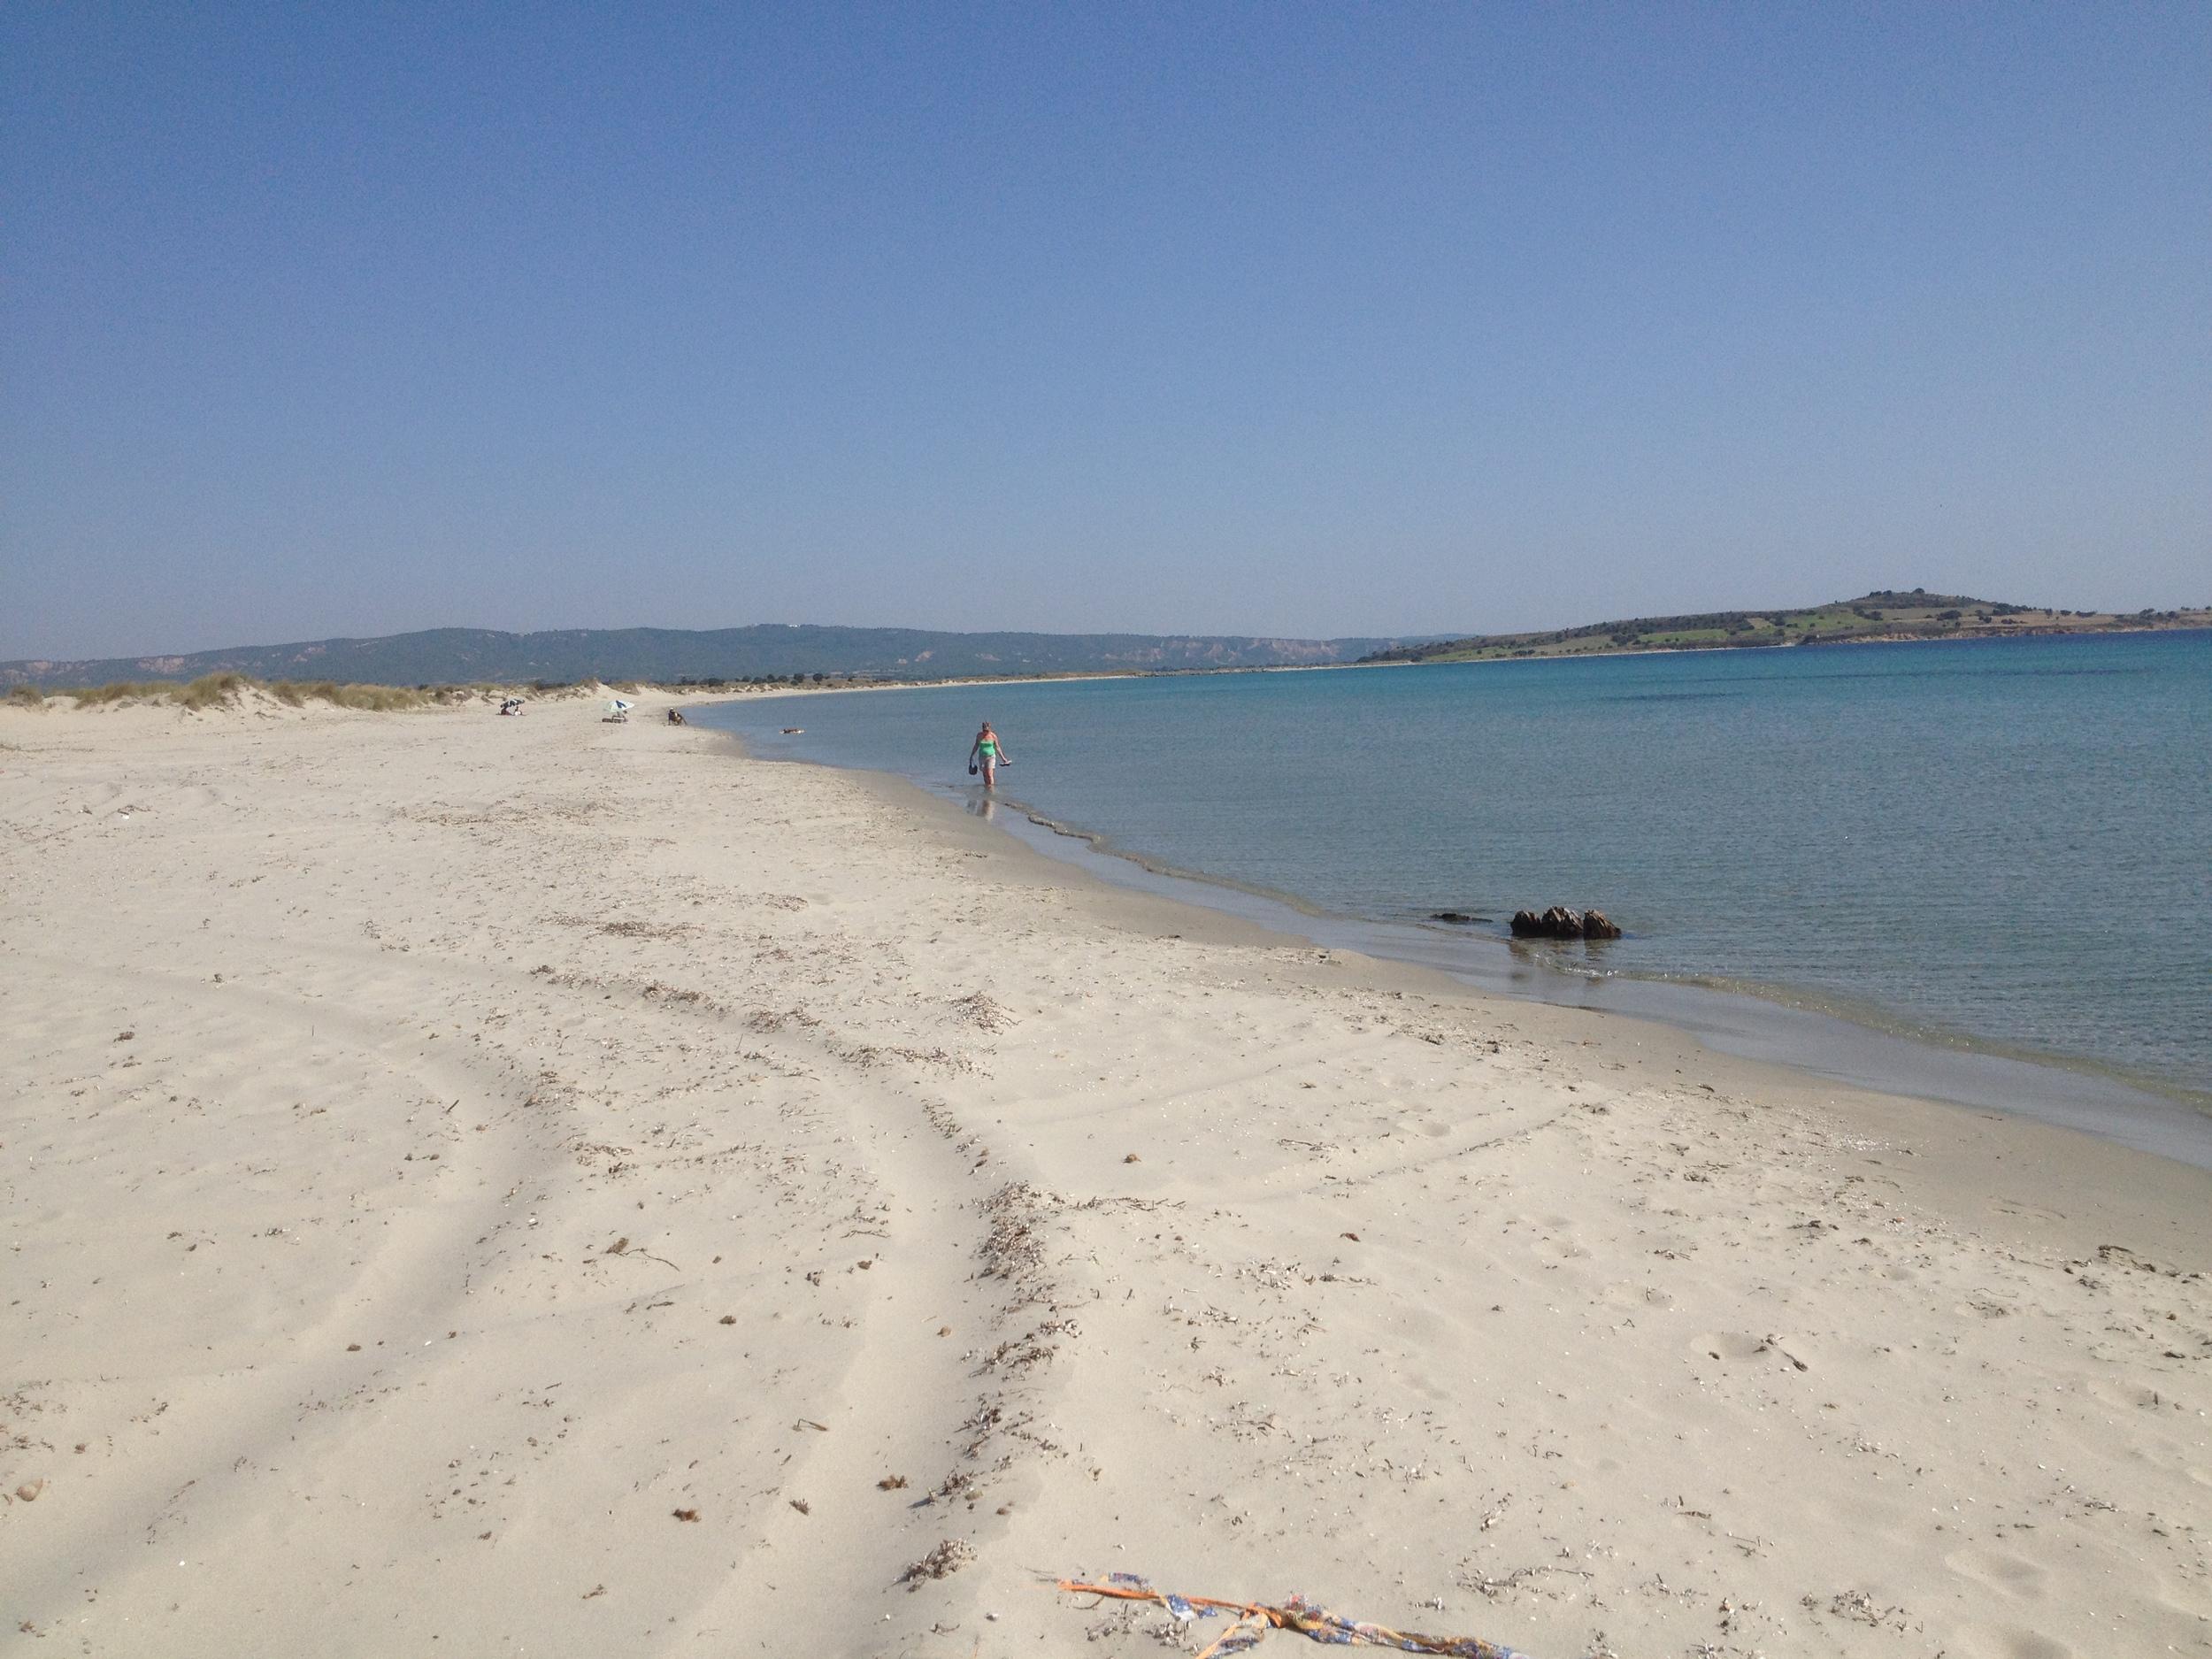 Landing beach at Suvla Bay (photo taken in 2014)